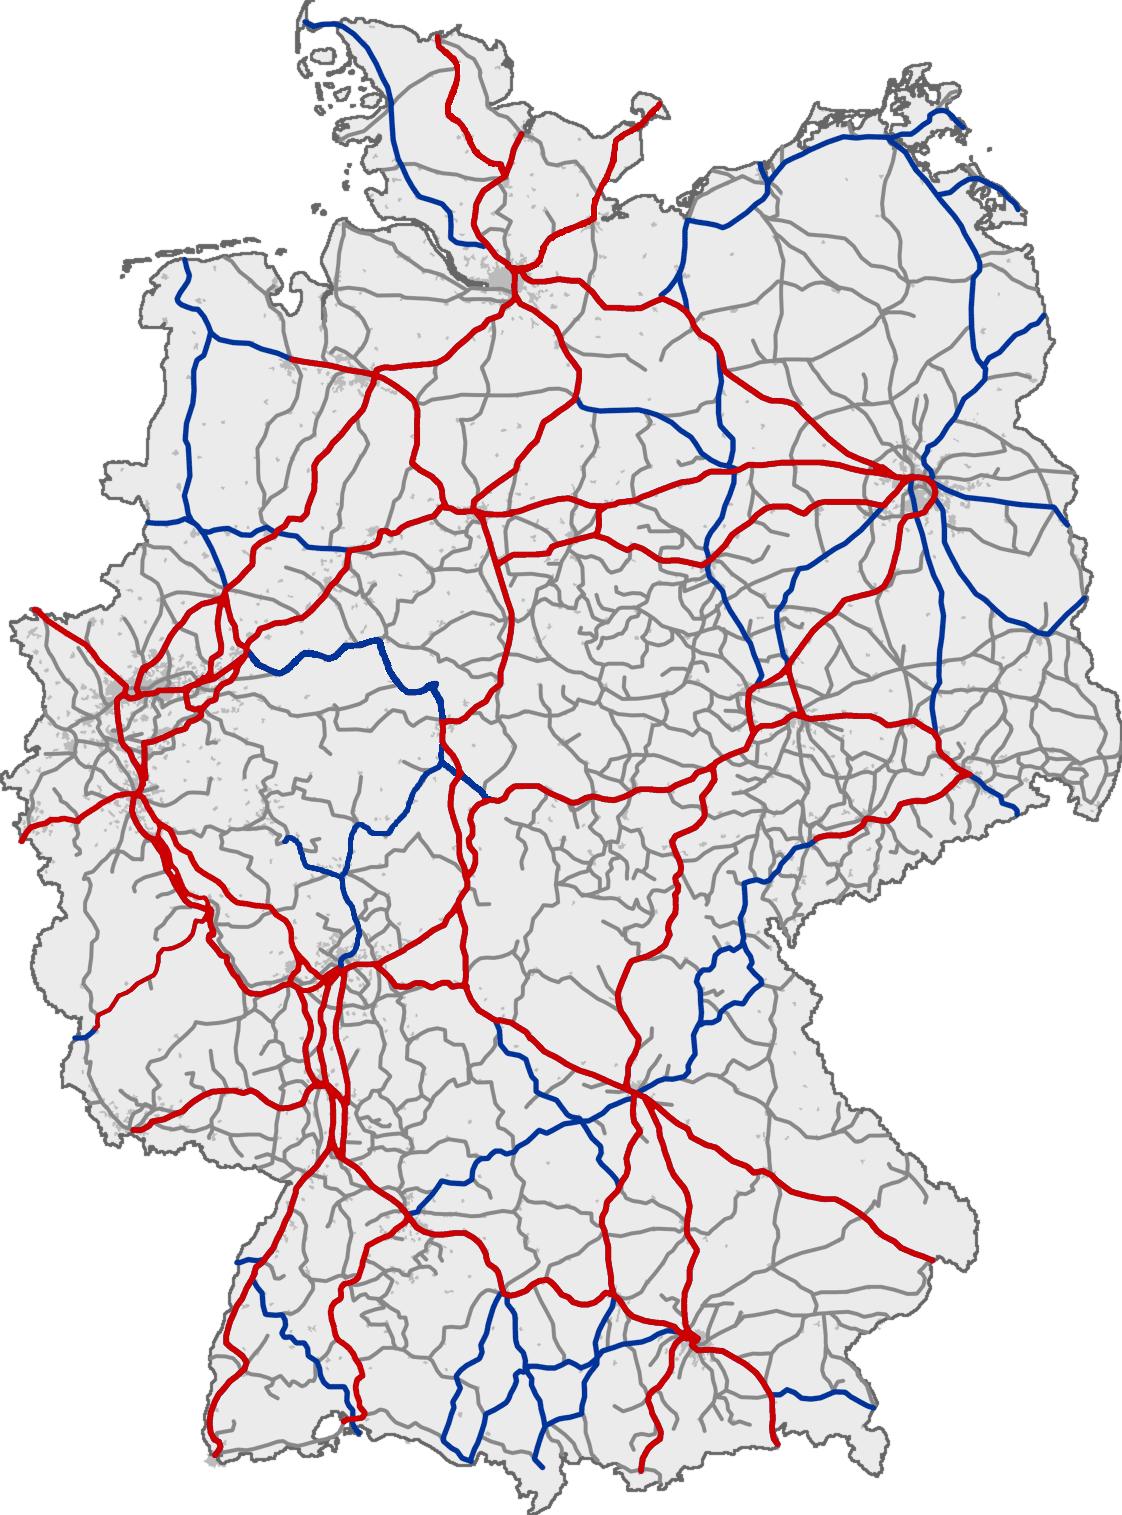 La red ferroviaria de Alemania 2010